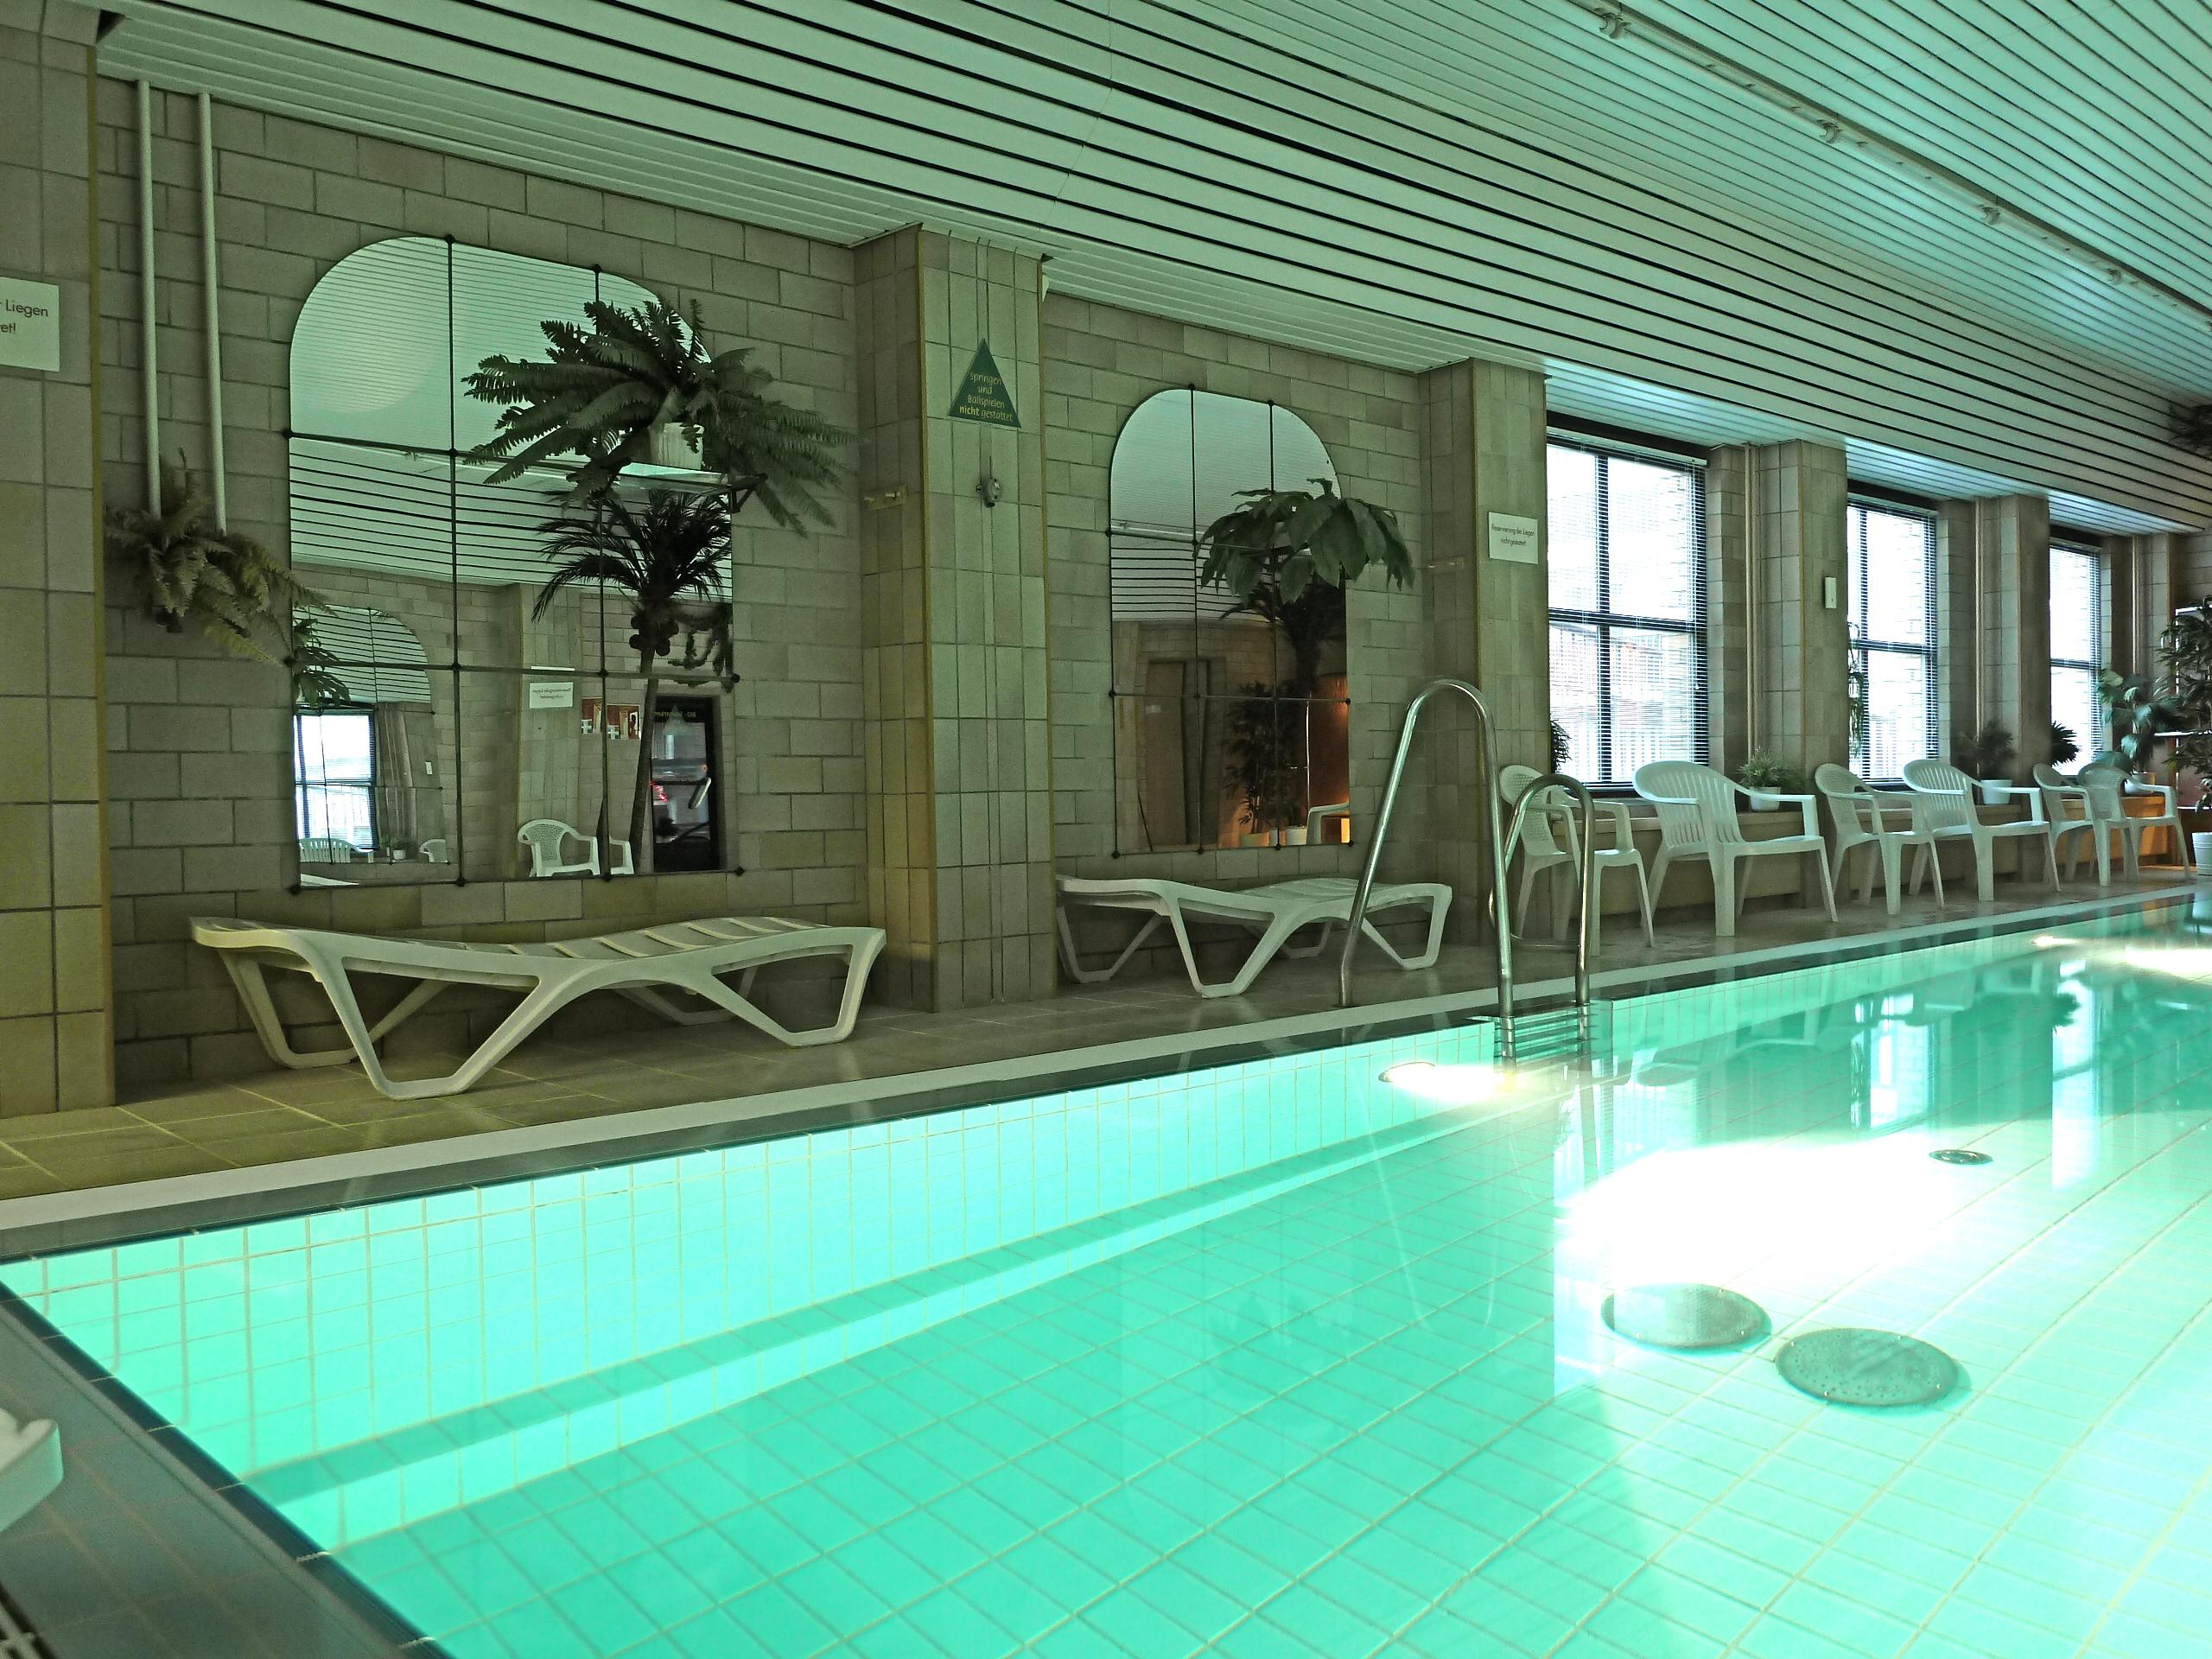 warmwasser schwimm u hallenbad berlin pankow prenzlauer berg ytti. Black Bedroom Furniture Sets. Home Design Ideas